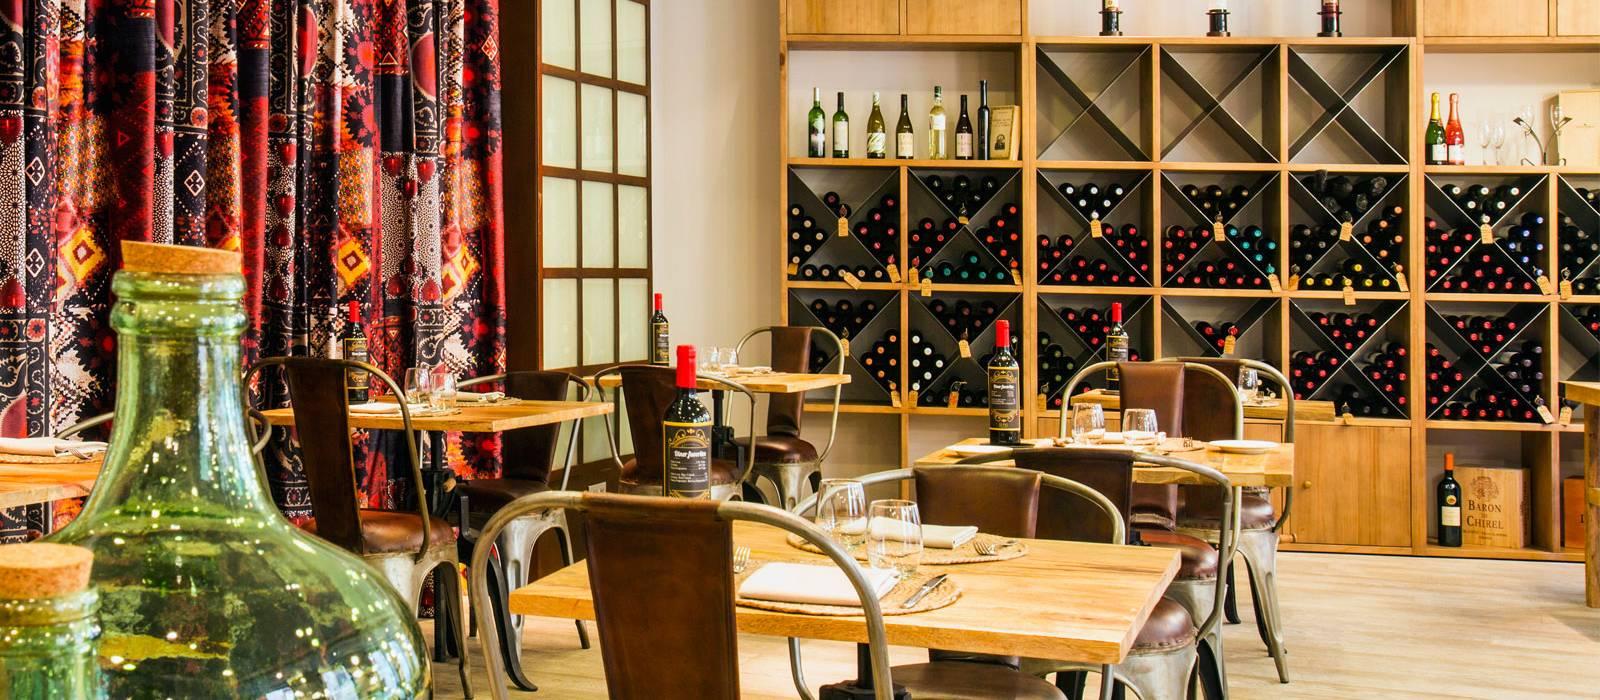 Services Hotel Vincci Málaga Posada del patio - Restaurant Le Diner